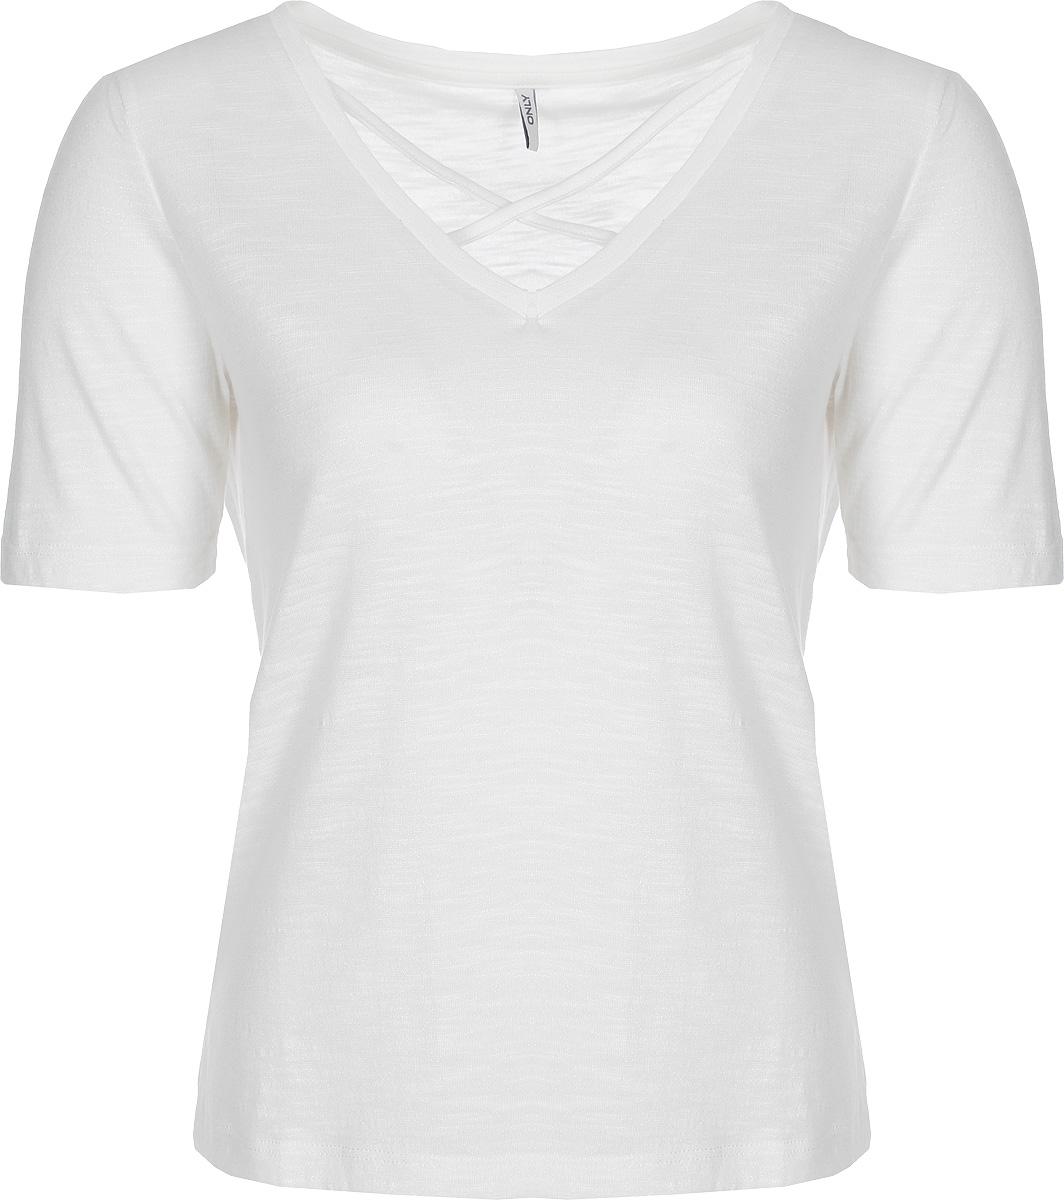 Блузка женская Only, цвет: белый. 15151006. Размер: M(44)  - купить со скидкой